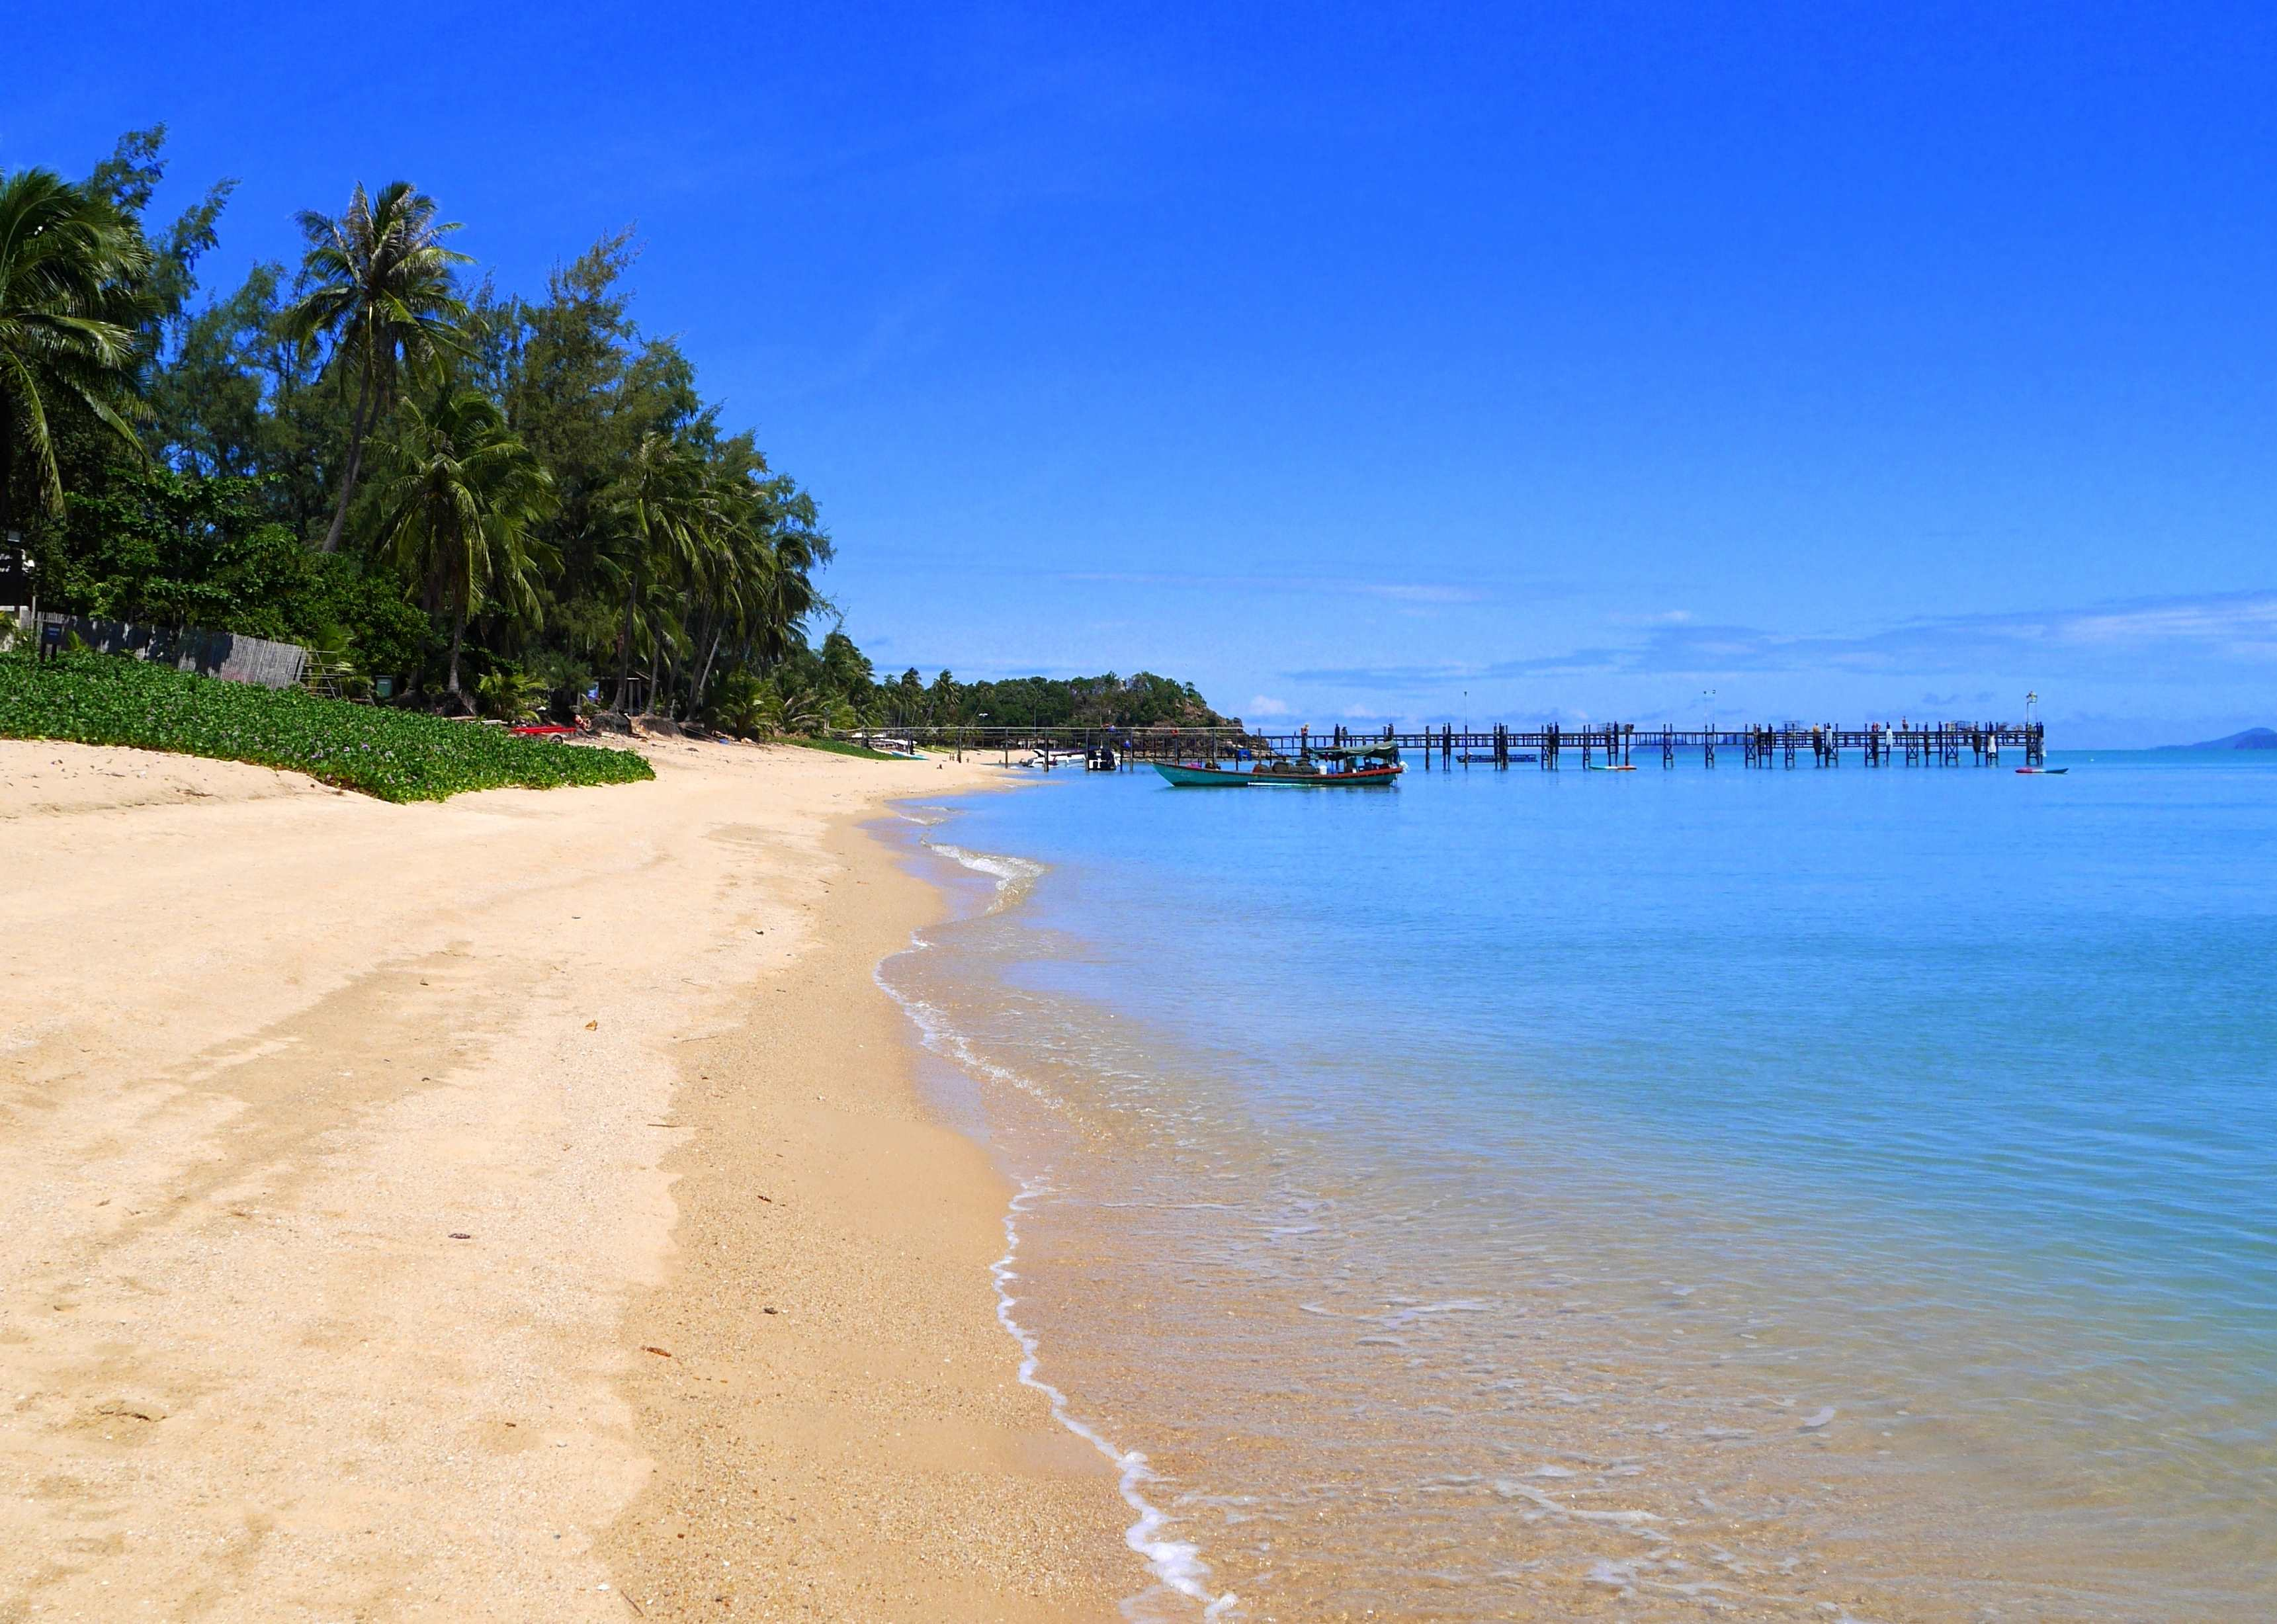 Bangkok bis Koh Samui   Thailand für Einsteiger thailand strand staedtereisen sonne reisebericht asien  tui berlin koh samui strand